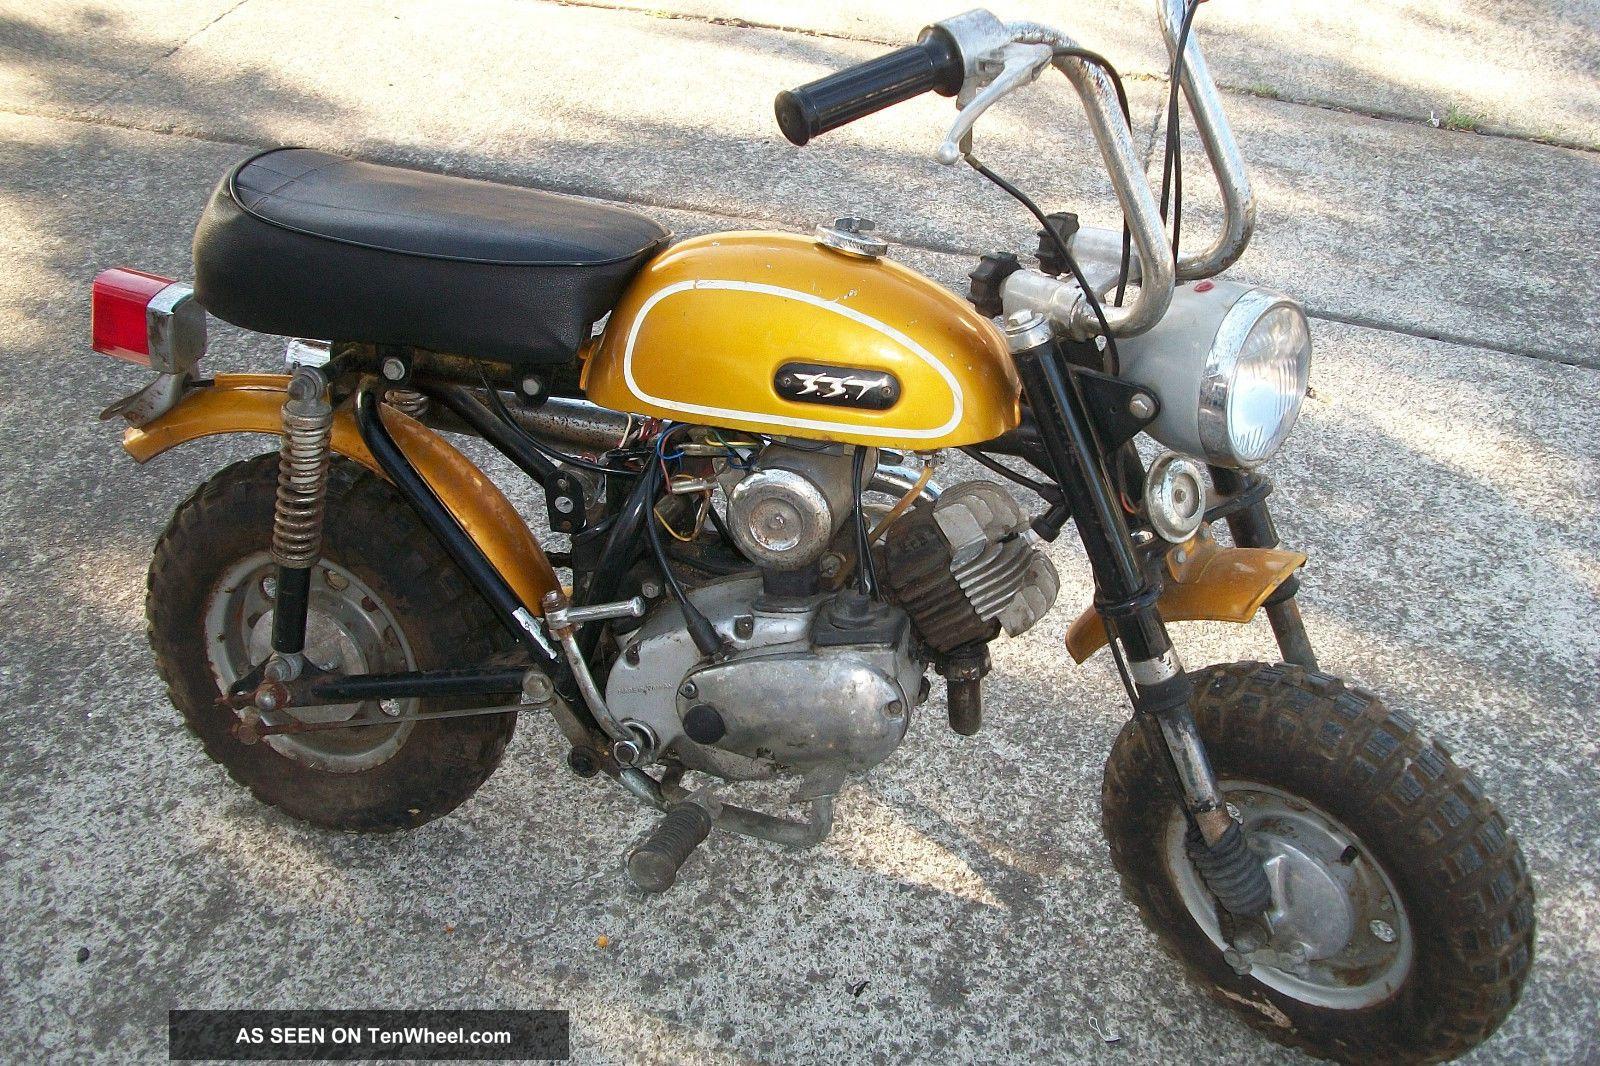 Gemini Mini Bike 50cc Sst Vintage 1970 Rare Vg Other Makes photo